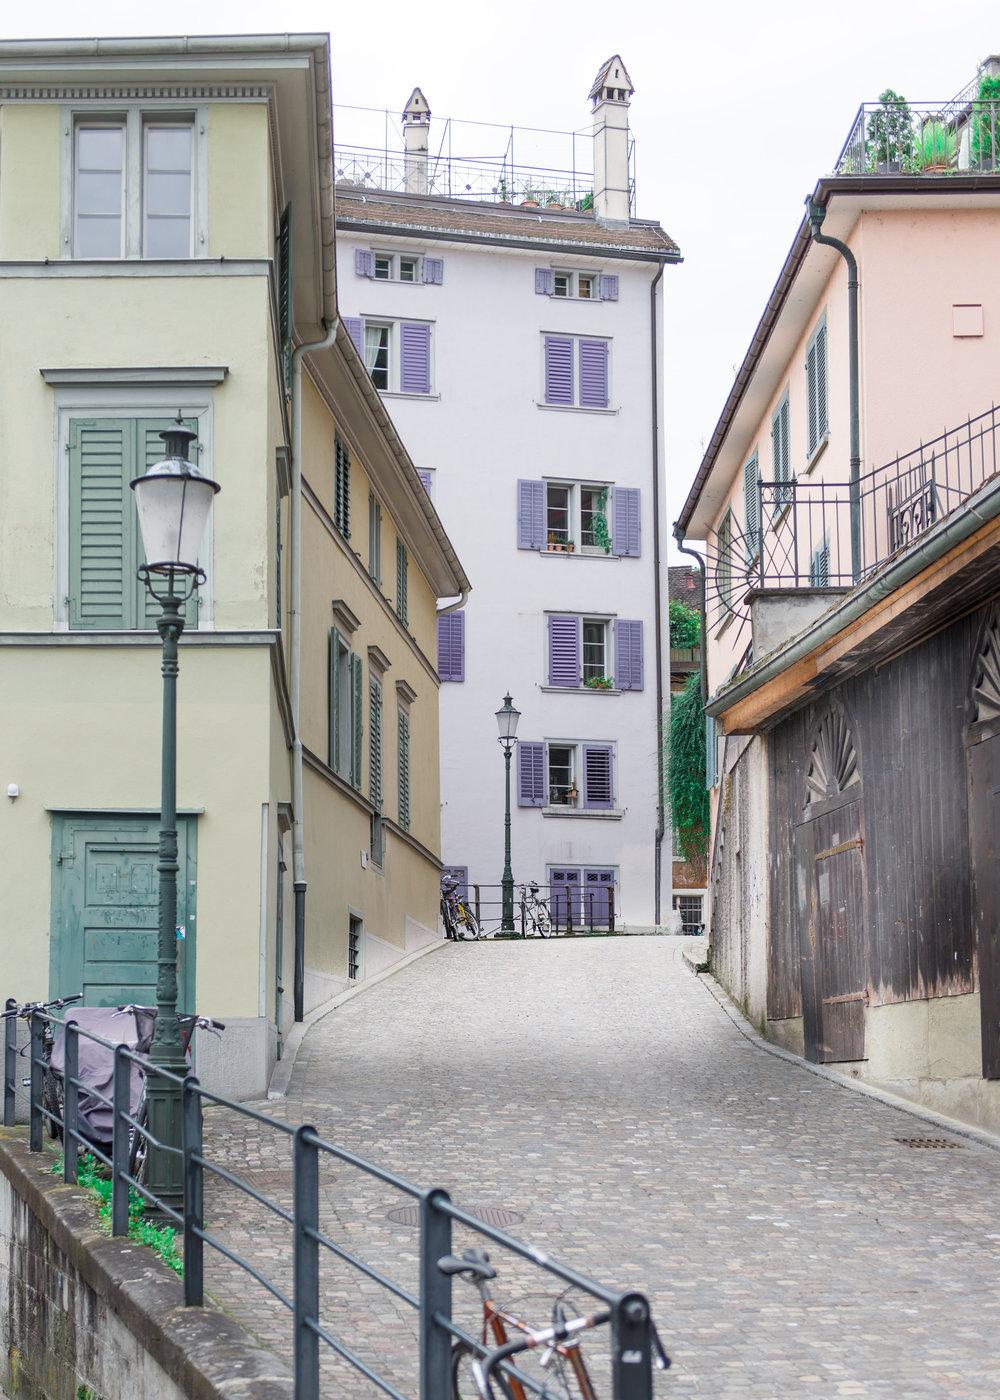 Old Town Altstadt Zurich Carley Rudd Photography